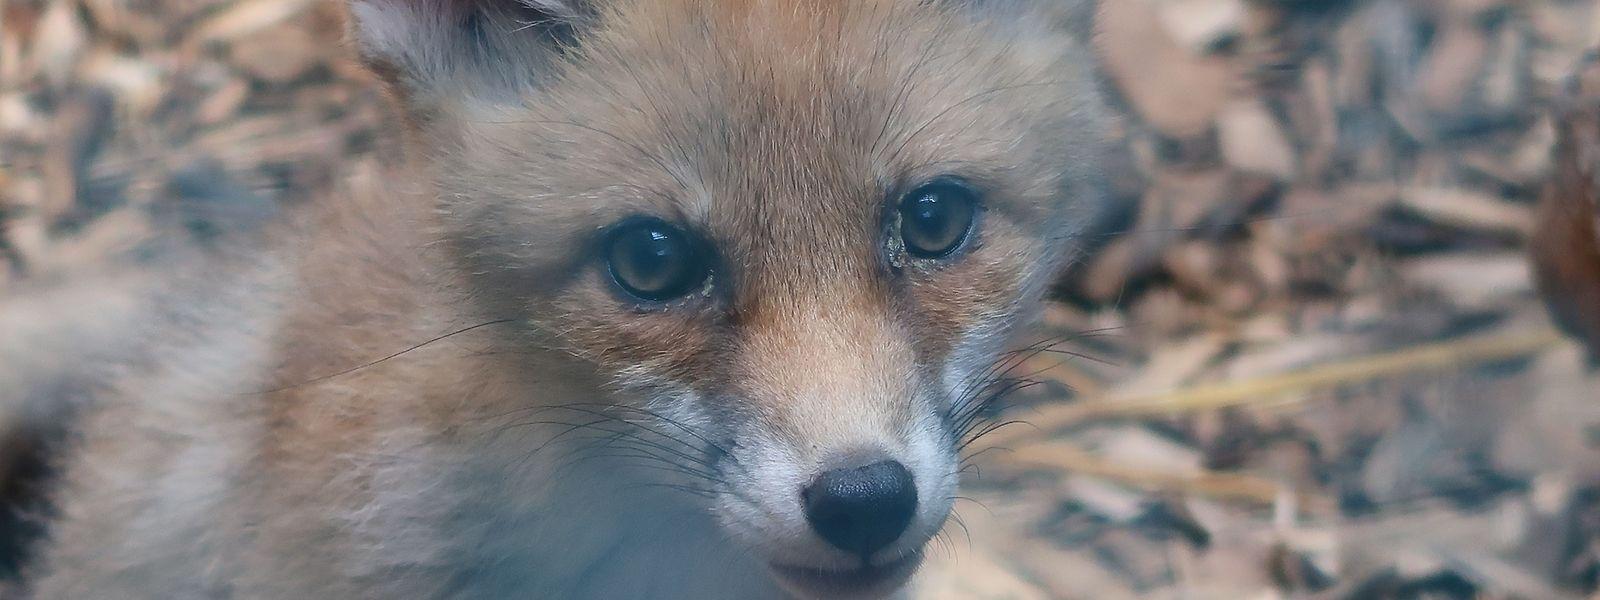 Le centre de soins pour la faune sauvage de Dudelange a déjà soigné plus de 3.000 animaux en 2019.